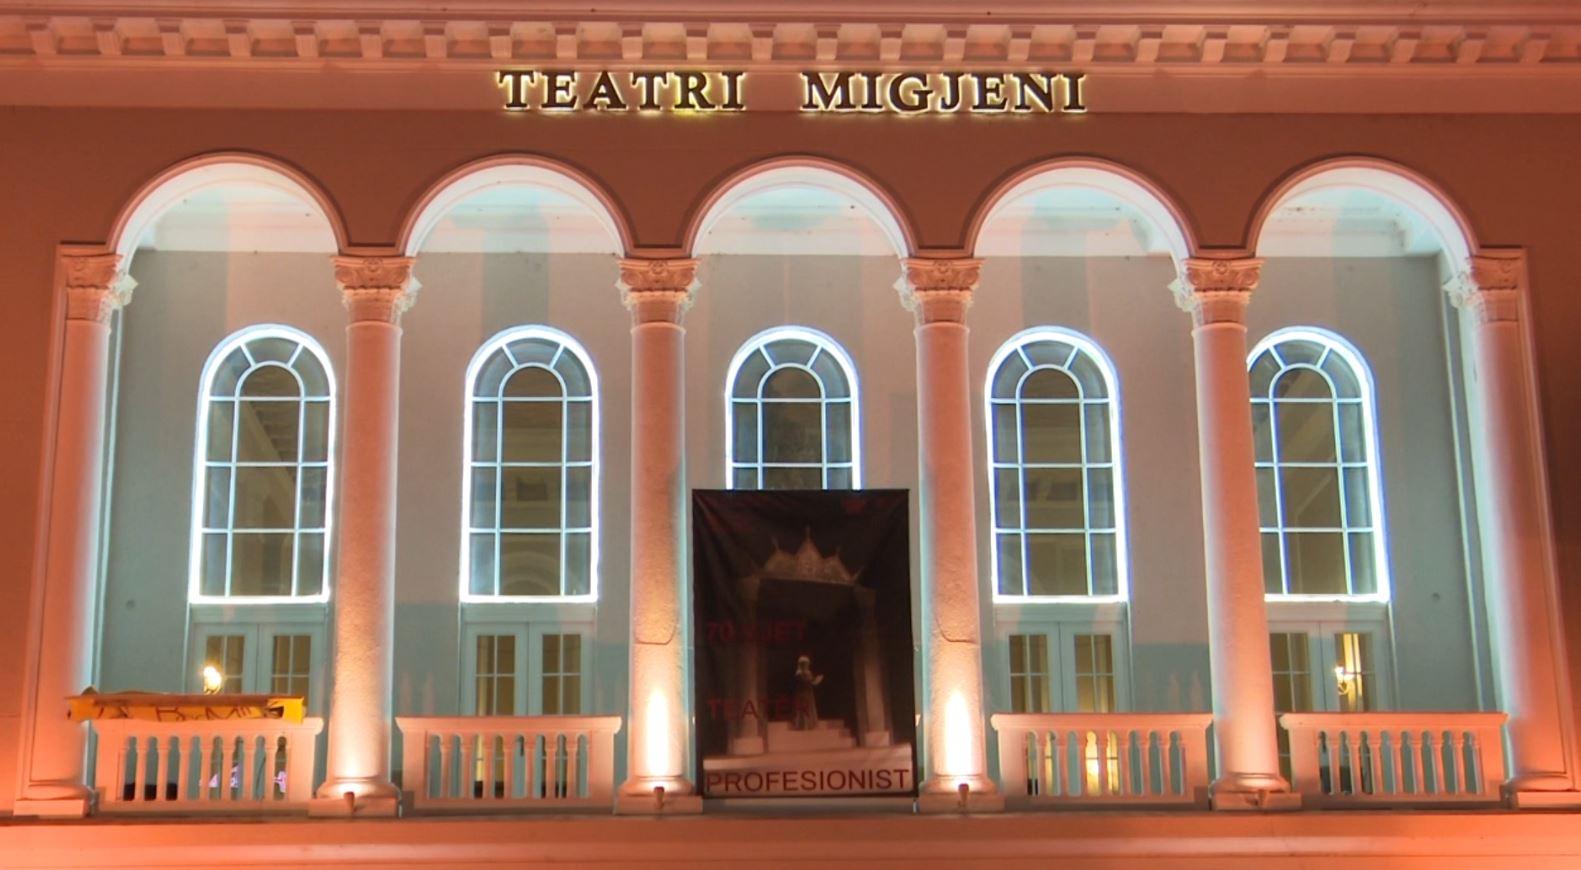 """70 vjetori i teatrit """"Migjeni"""" në Shkodër, gjatë ceremonisë fiken dritat"""